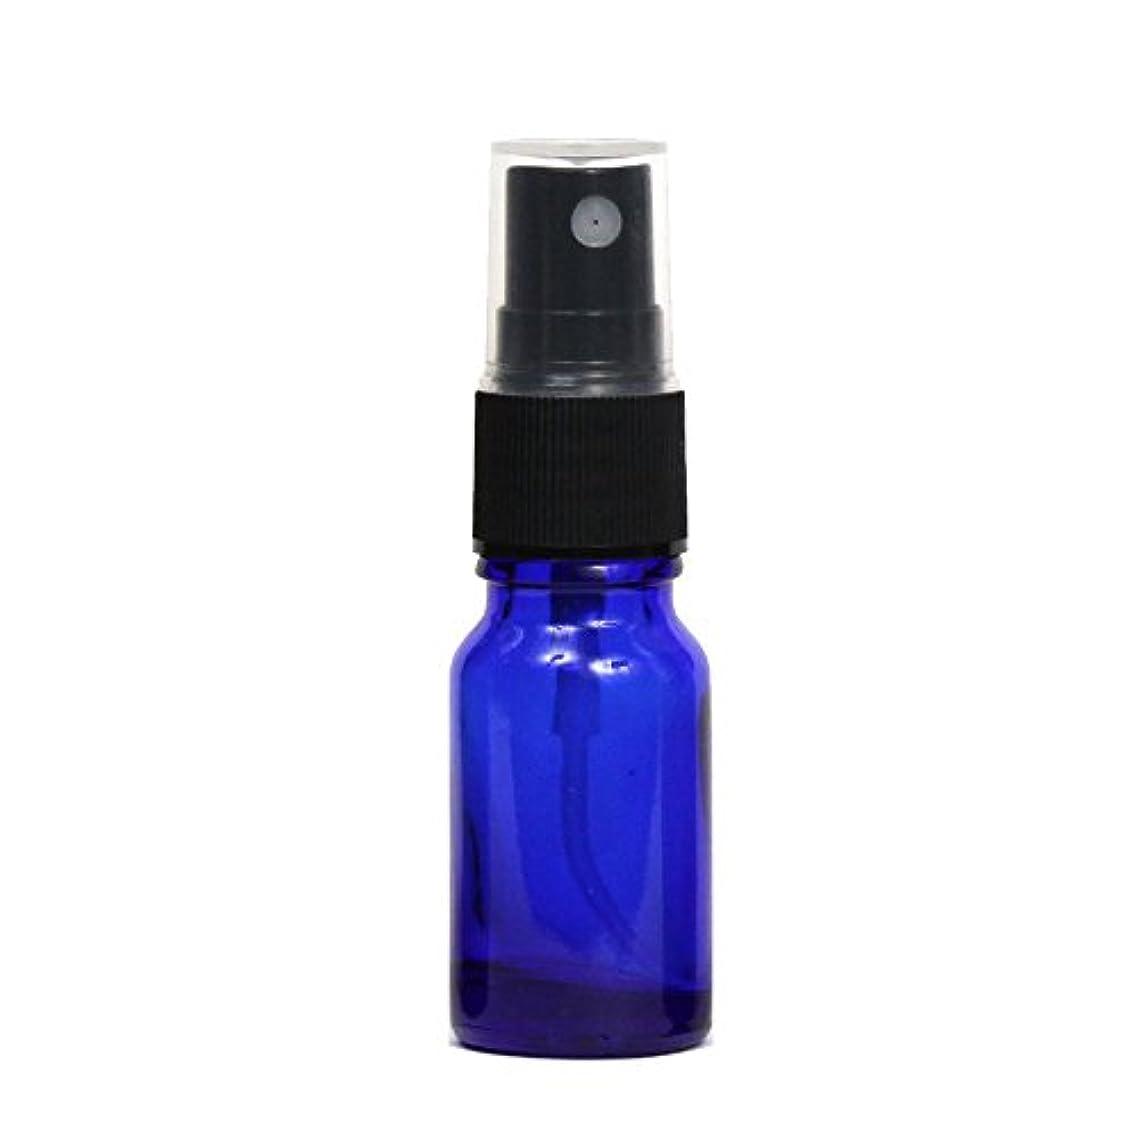 在庫回る規定スプレーボトル ガラス瓶 10mL 遮光性ブルー ガラスアトマイザー 空容器